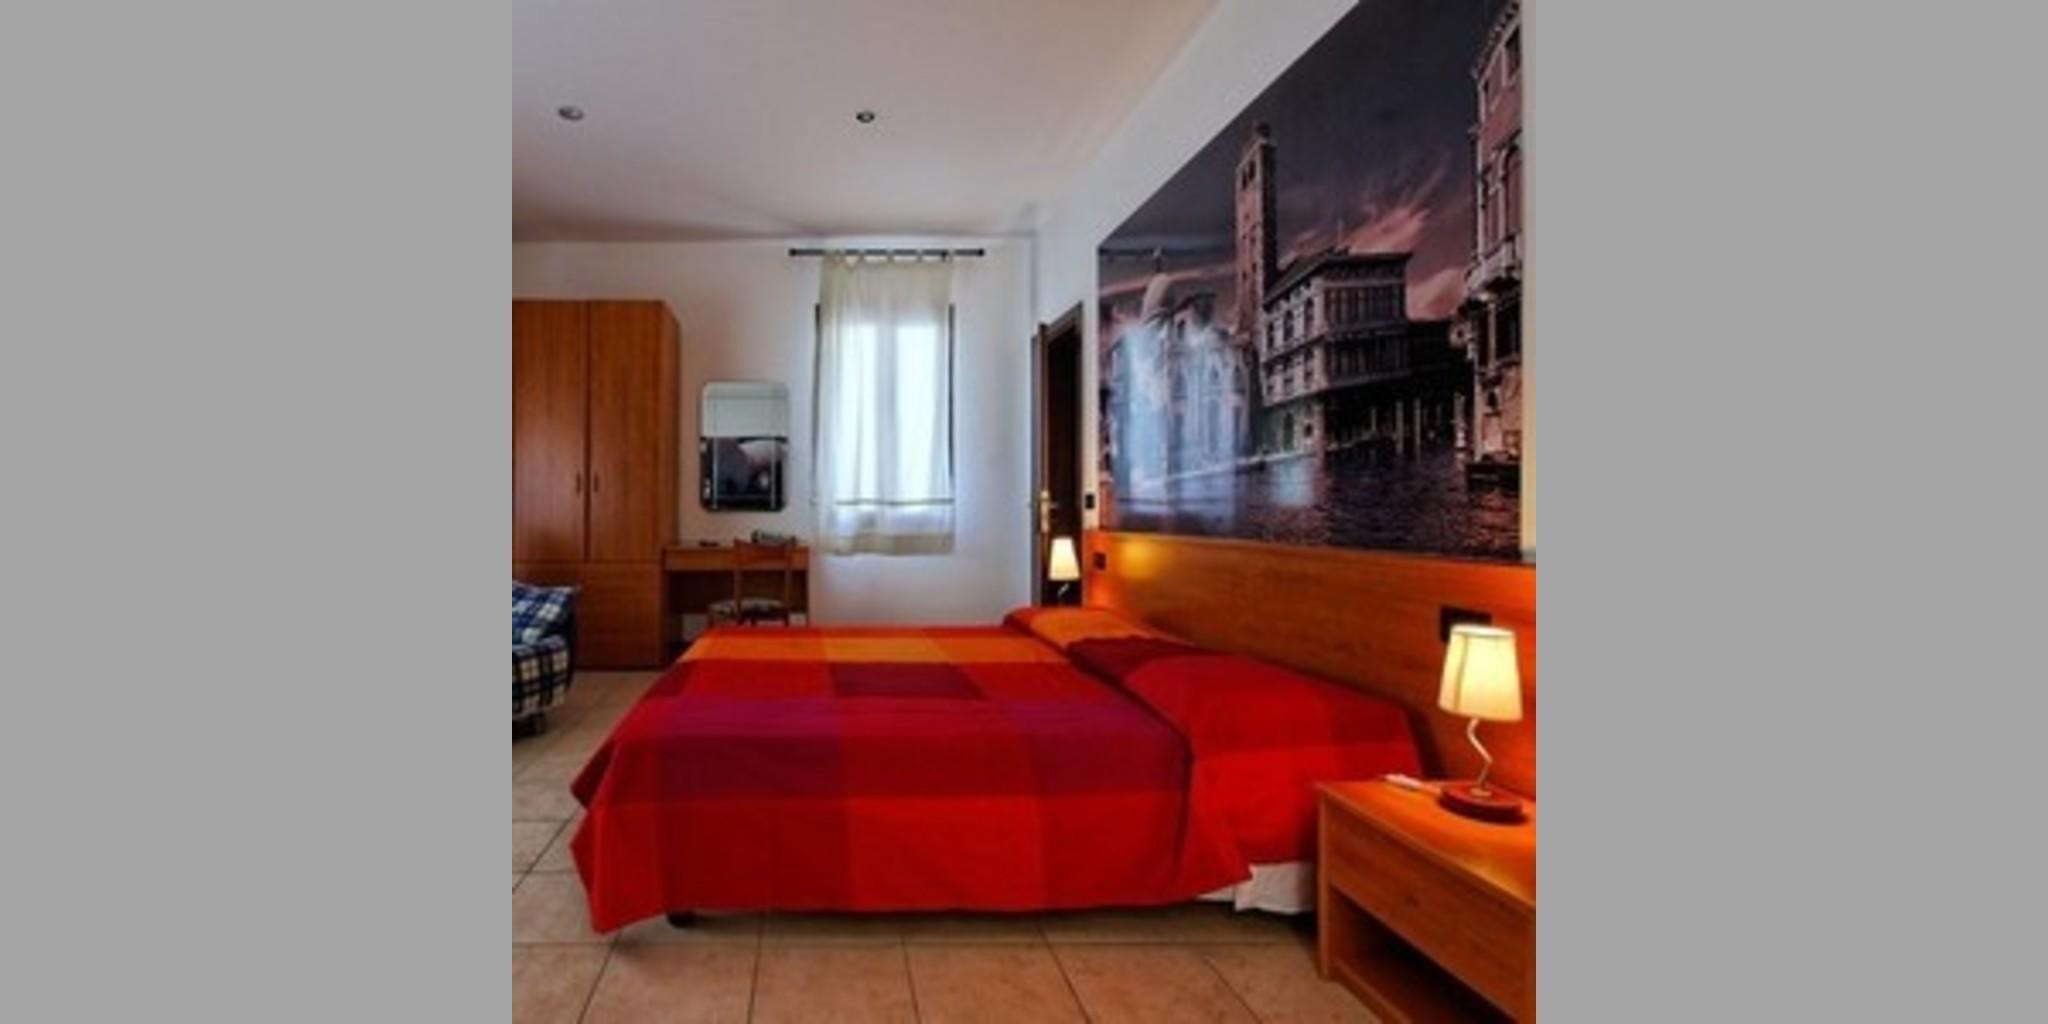 Appartamento Venezia - Favaro Veneto